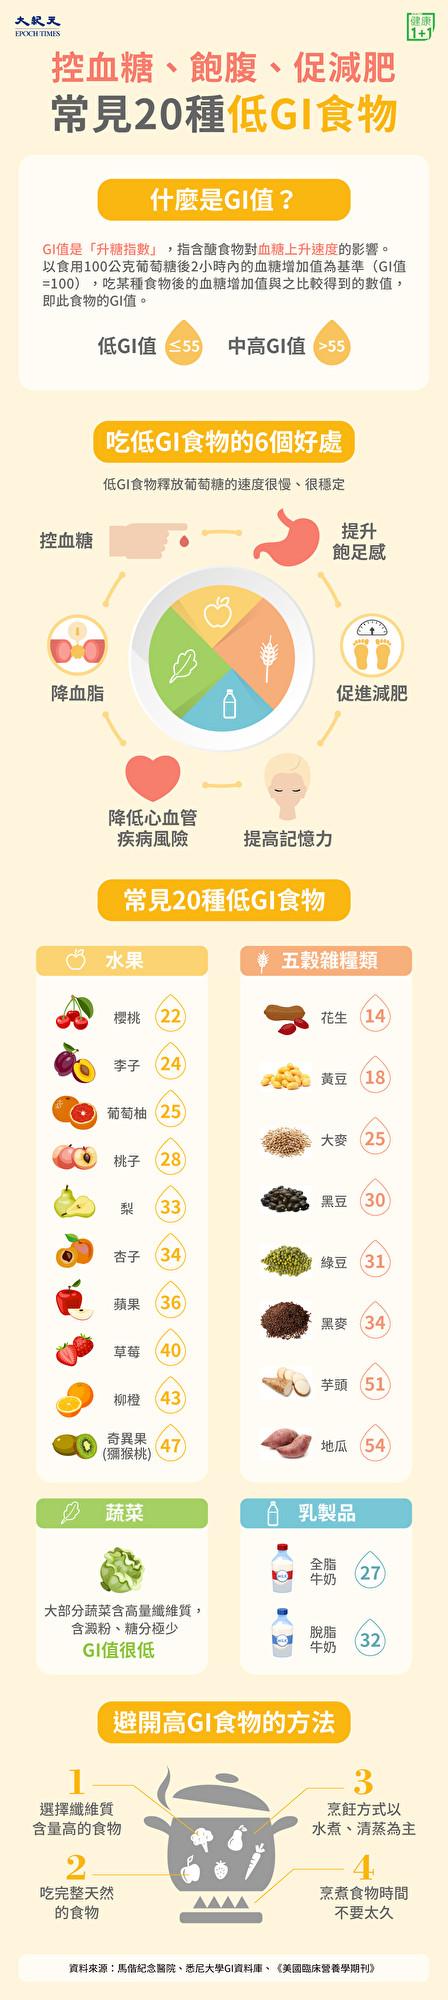 20种低GI食物(低升糖指数食物),帮你控血糖、饱腹、促减肥。(大纪元制图)